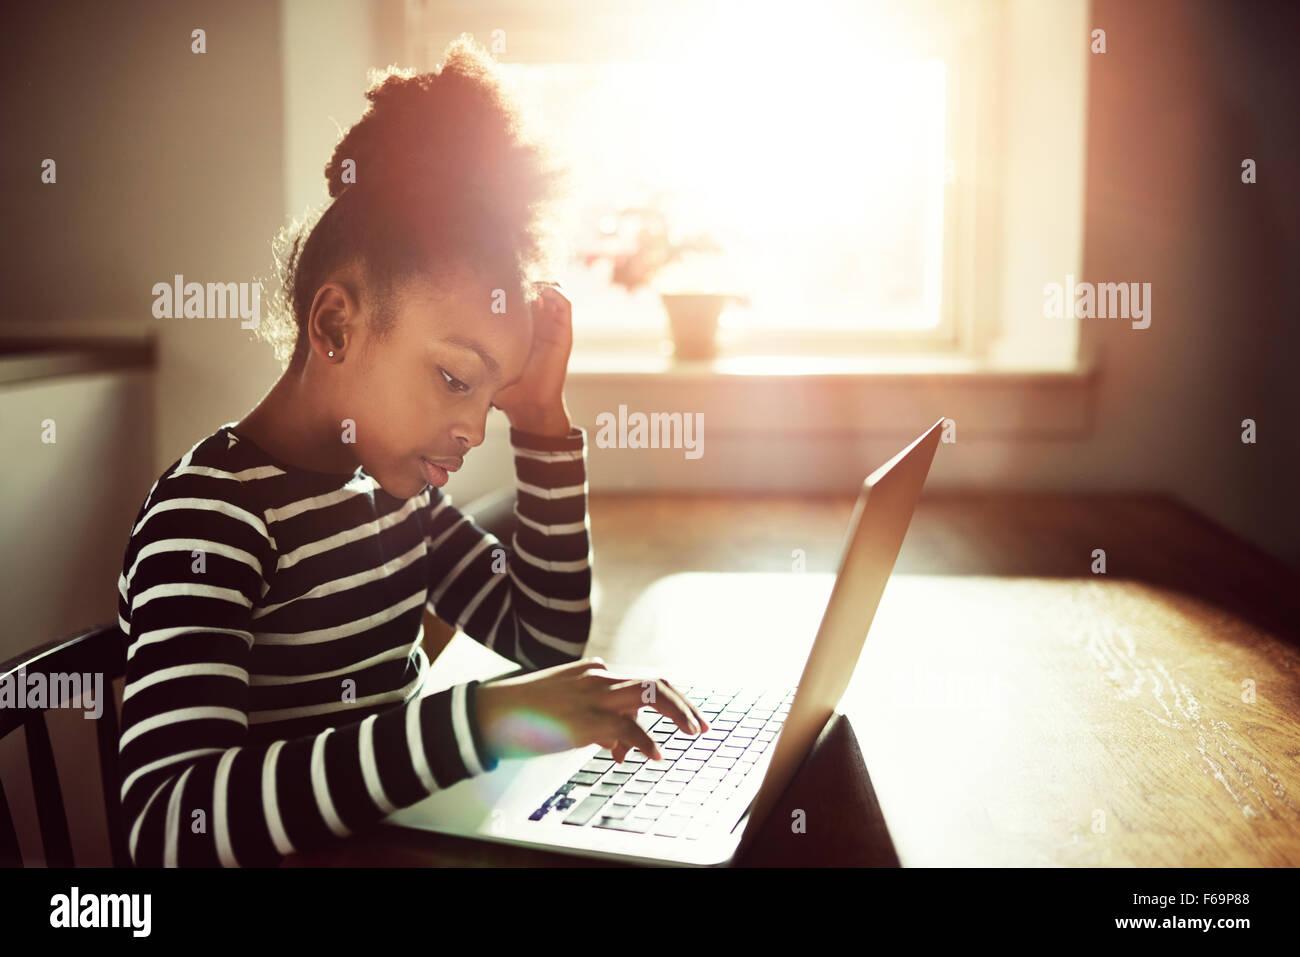 Giovane ragazza nera a lavorare al suo compiti a casa digitando le informazioni su un computer portatile, vista Immagini Stock